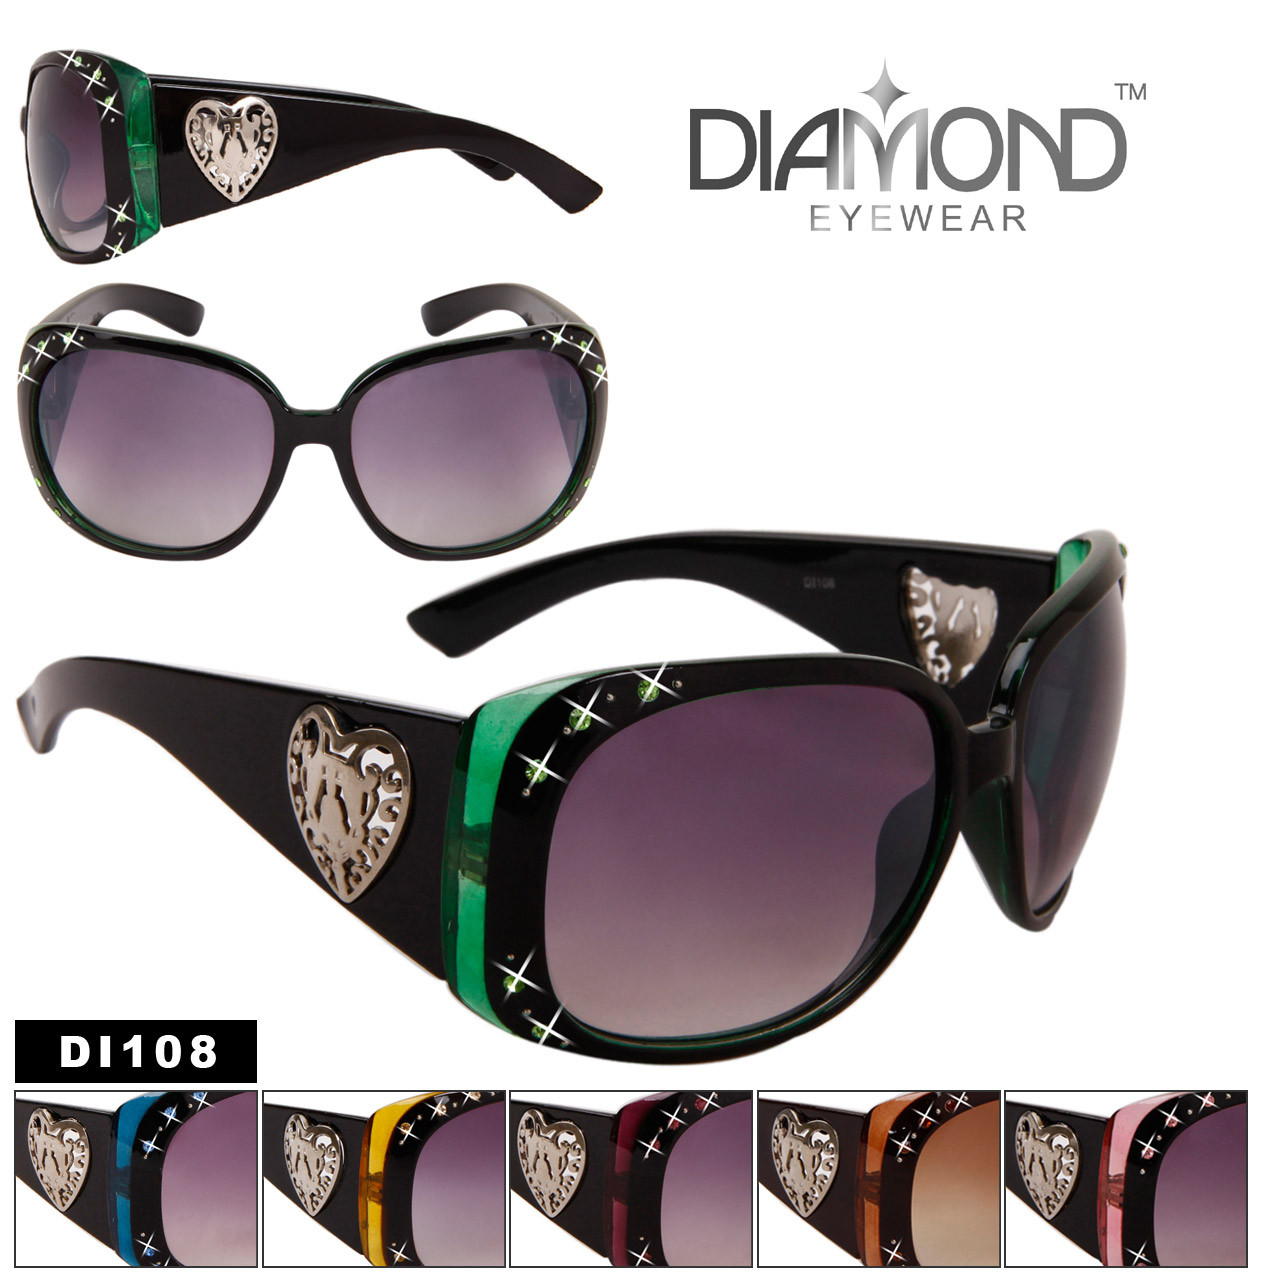 DI108 Rhinestone Sunglasses